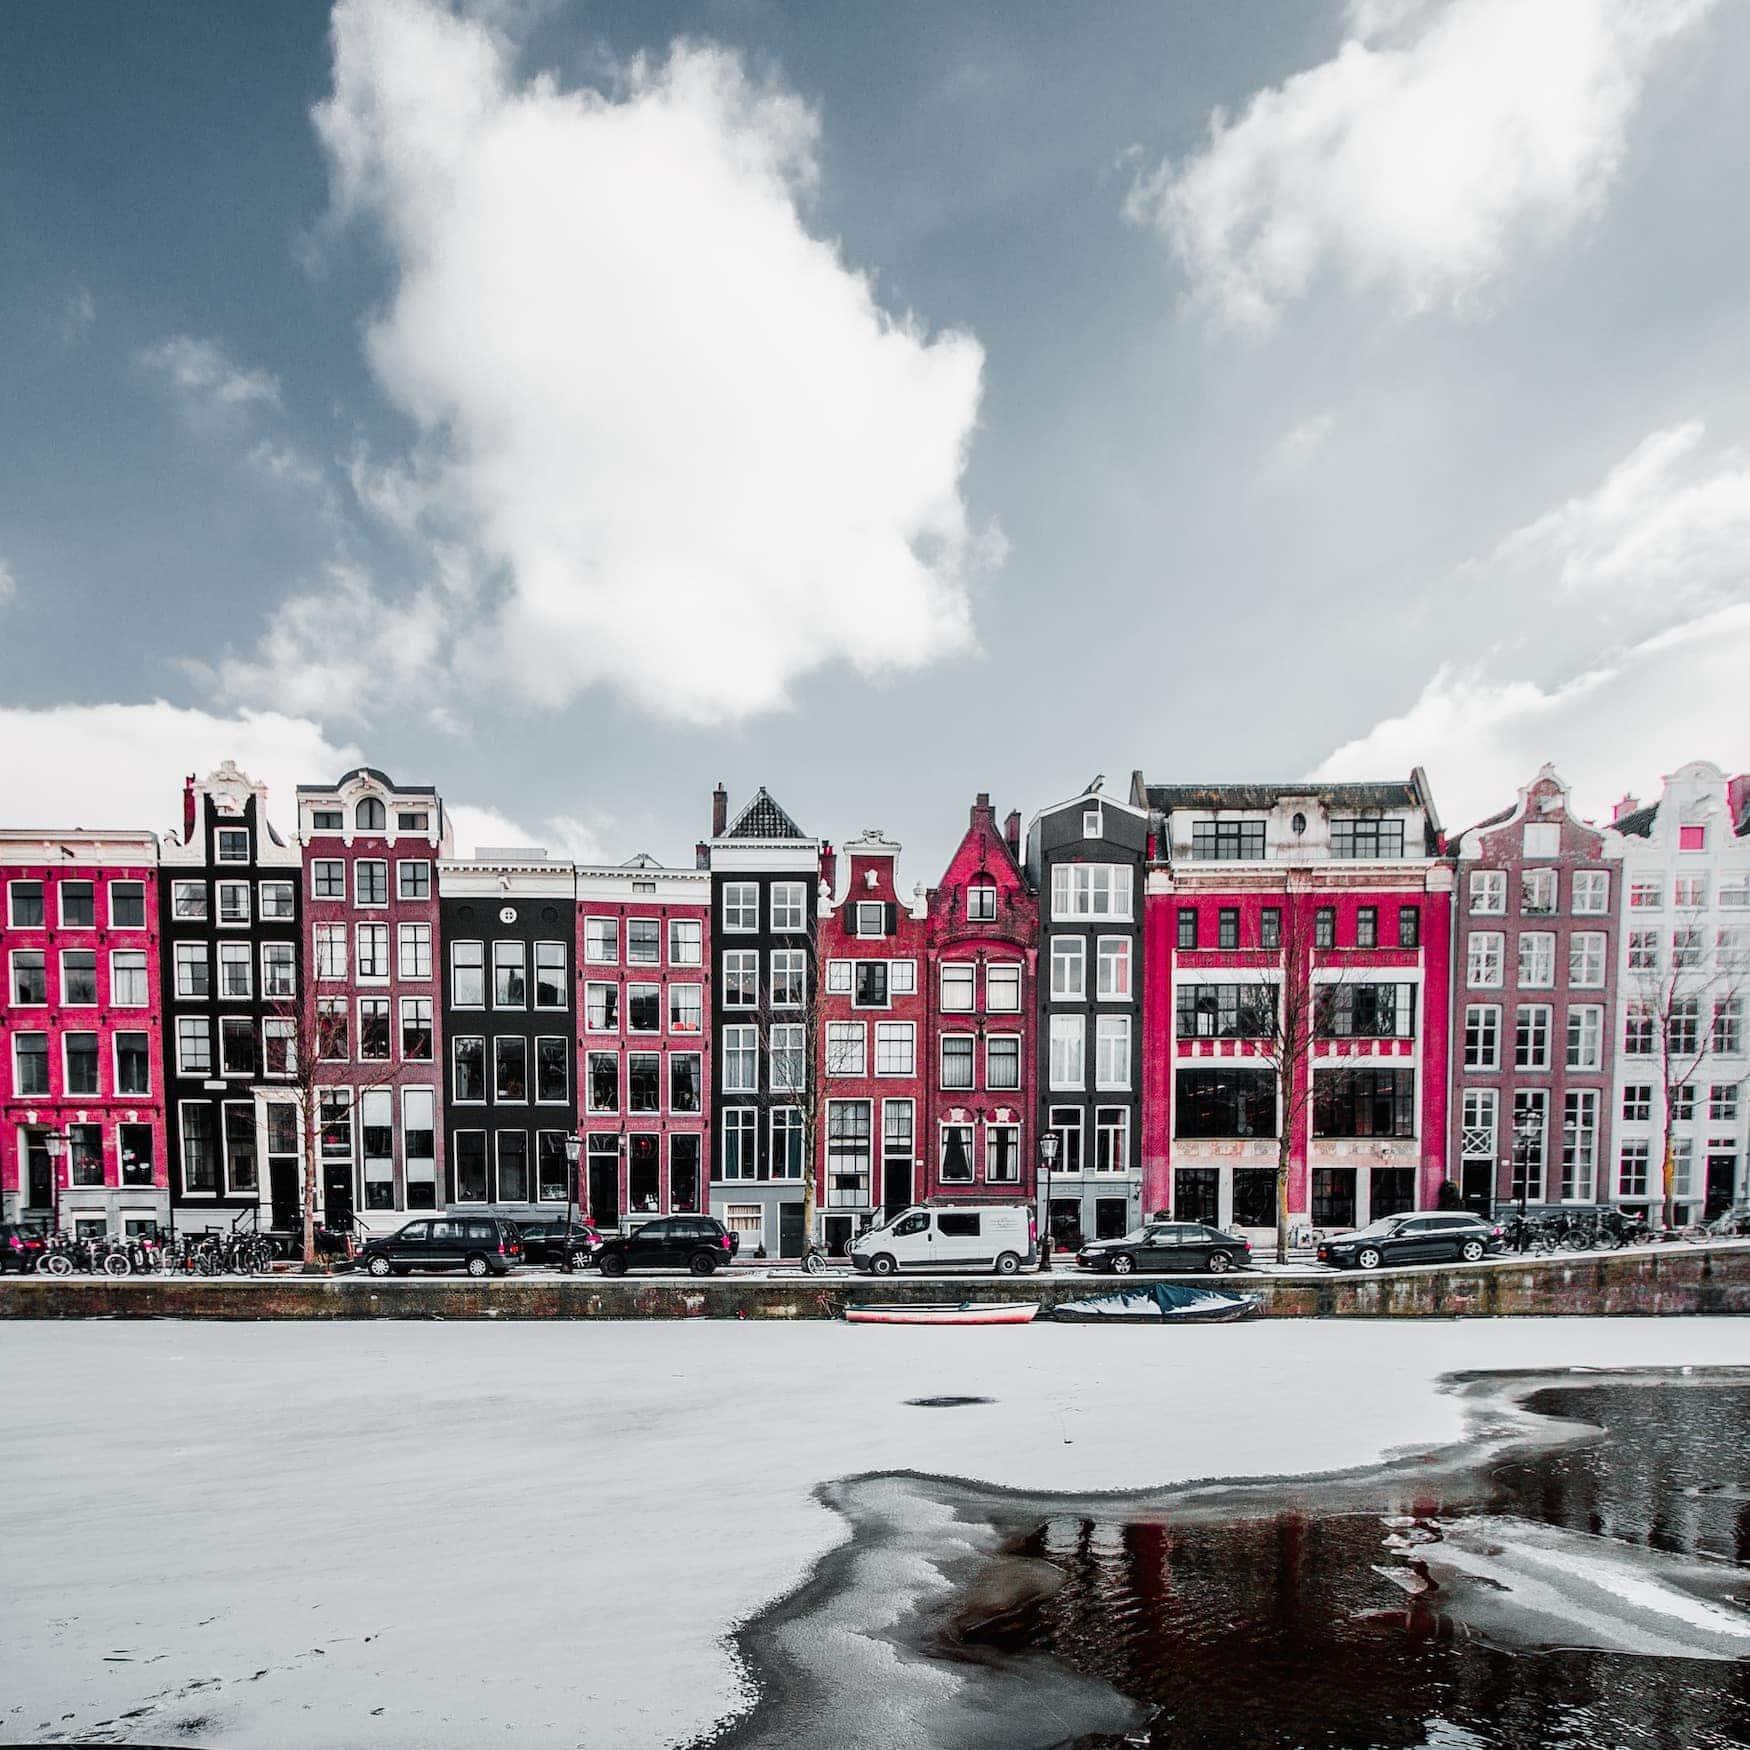 Zugefrorene Grachten in Amsterdam – Winterwunderland